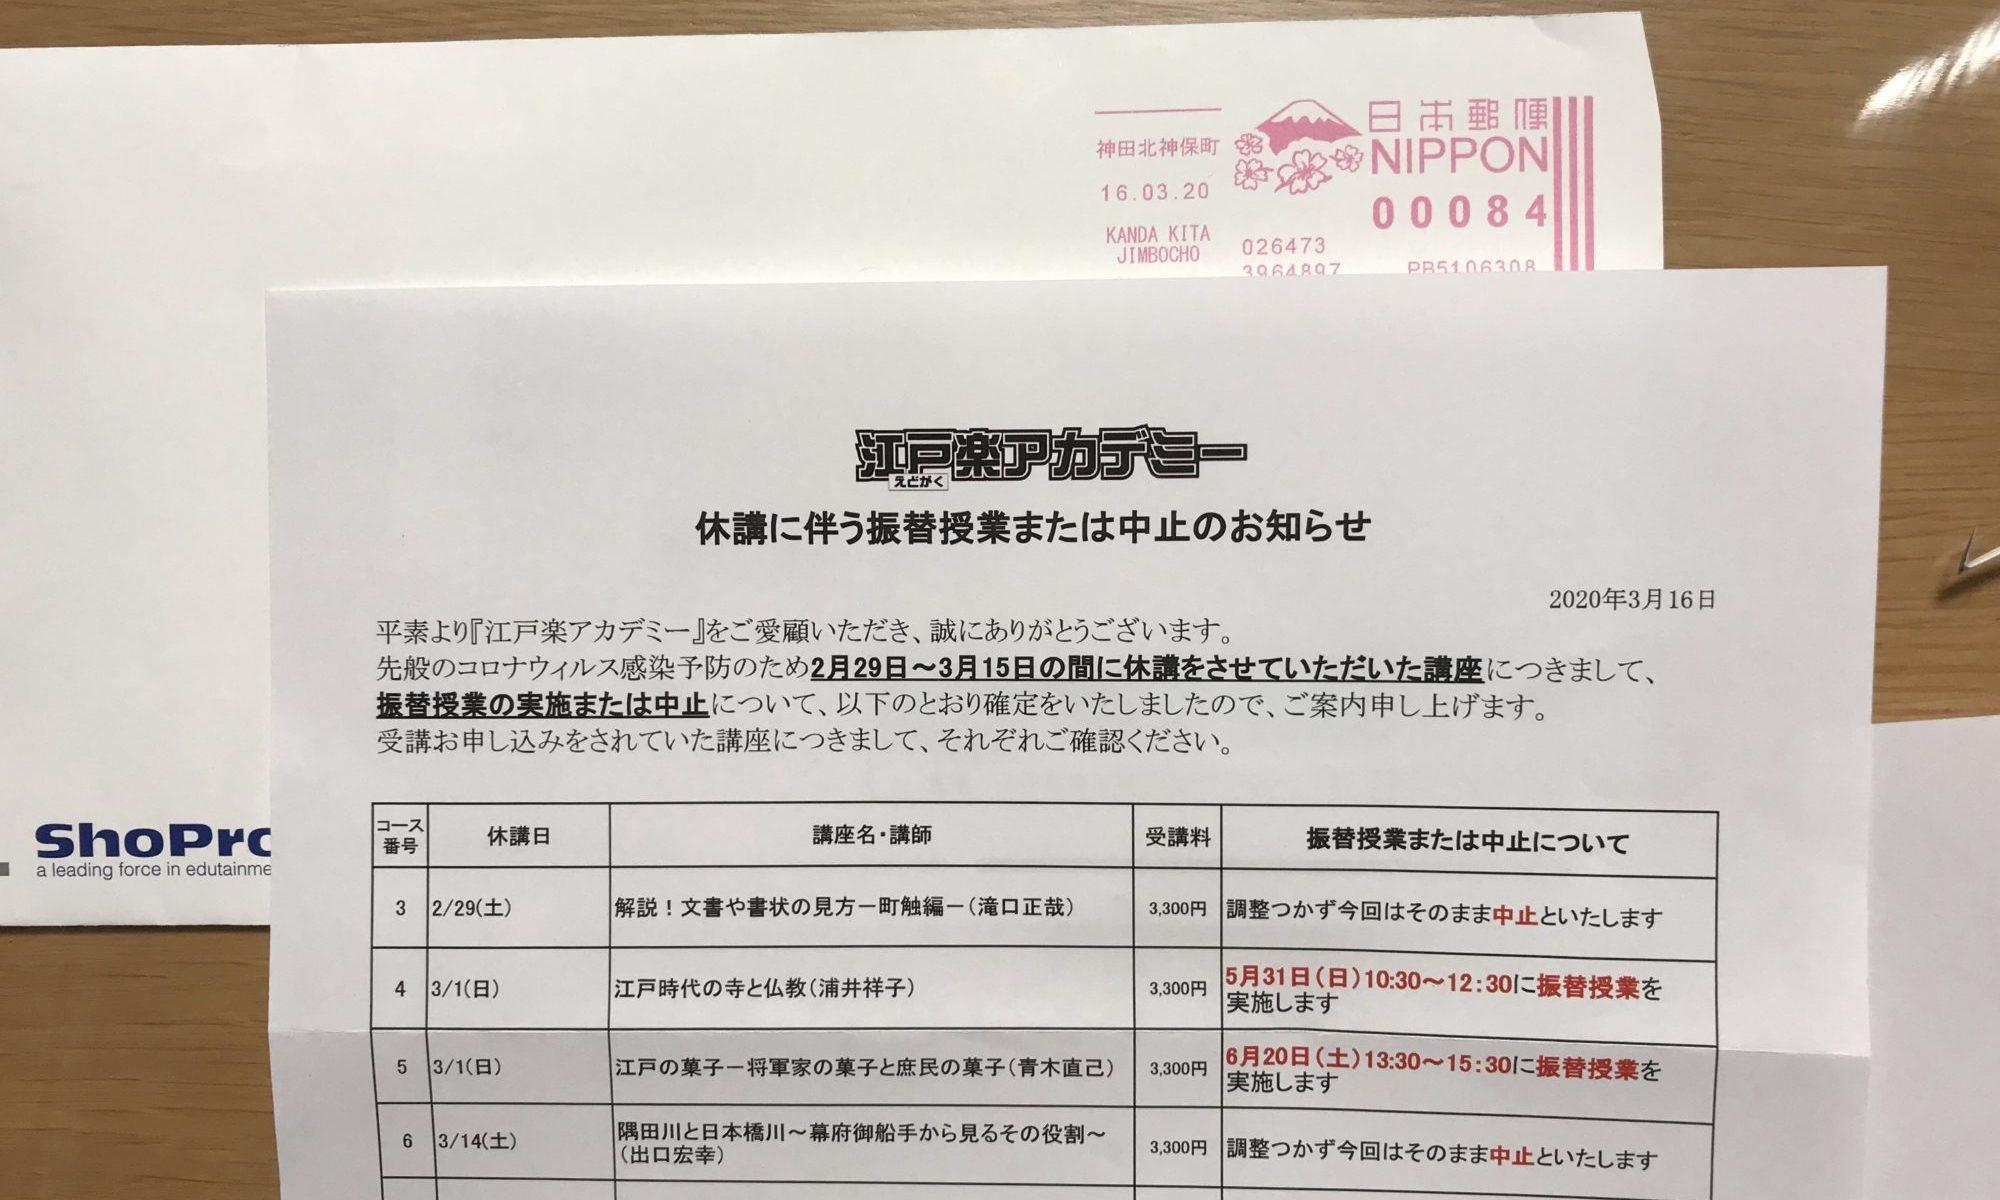 江戸学アカデミーの講座